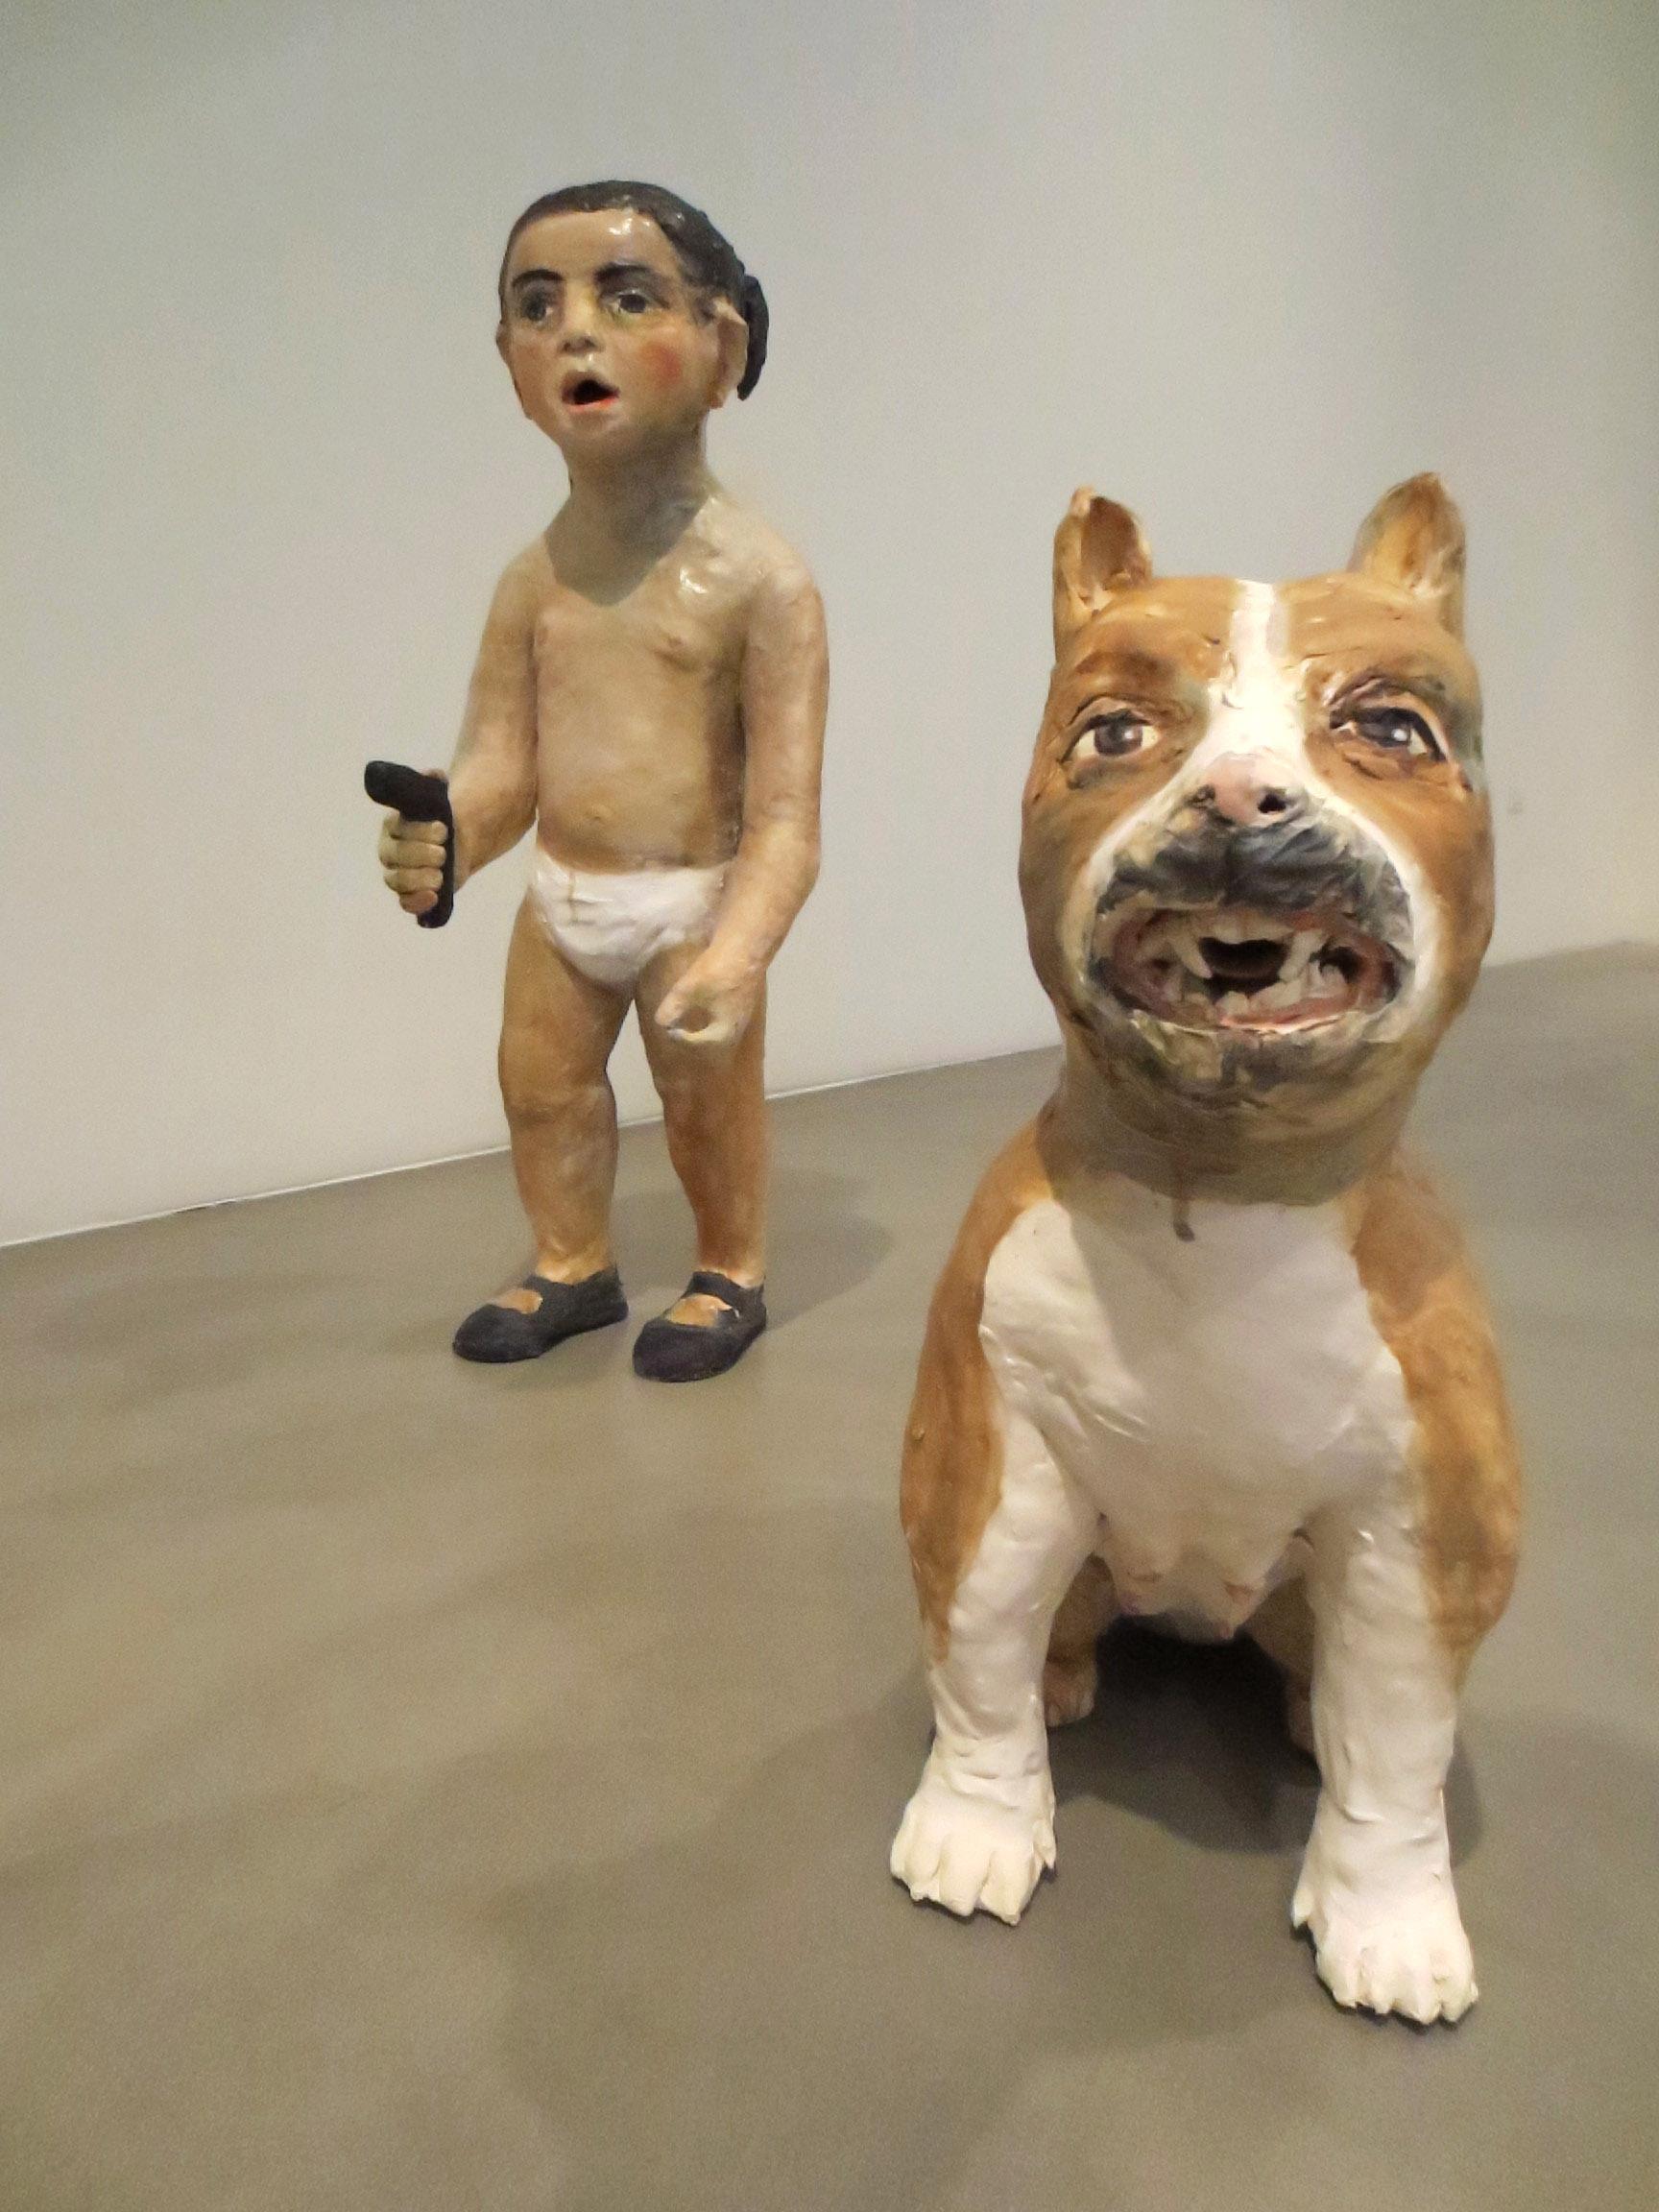 Perro Pendiente, (Dog in Waiting) 2012, Ceramic, Scott White Contemporary Art, California